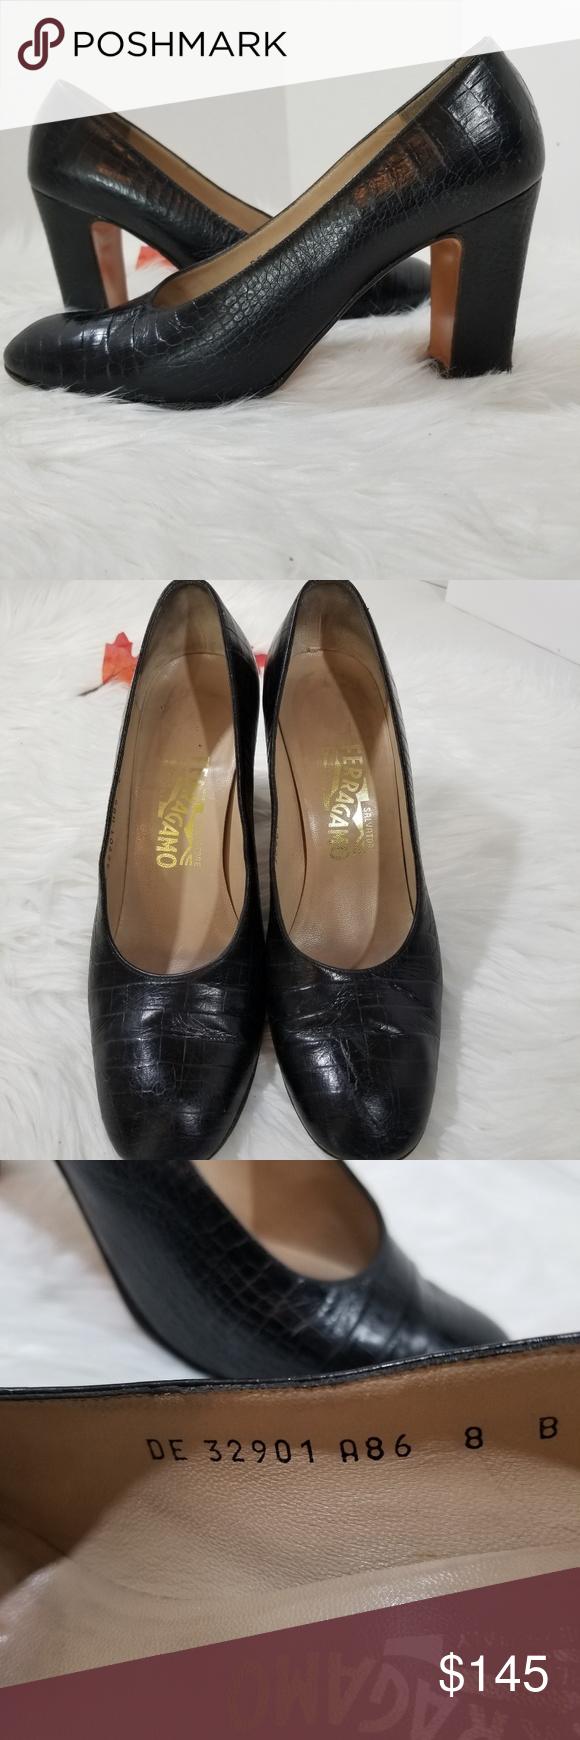 9000874a6855 Salvatore Ferragamo croc embossed block heels Salvatore Ferragamo croc embossed  block heels. Black